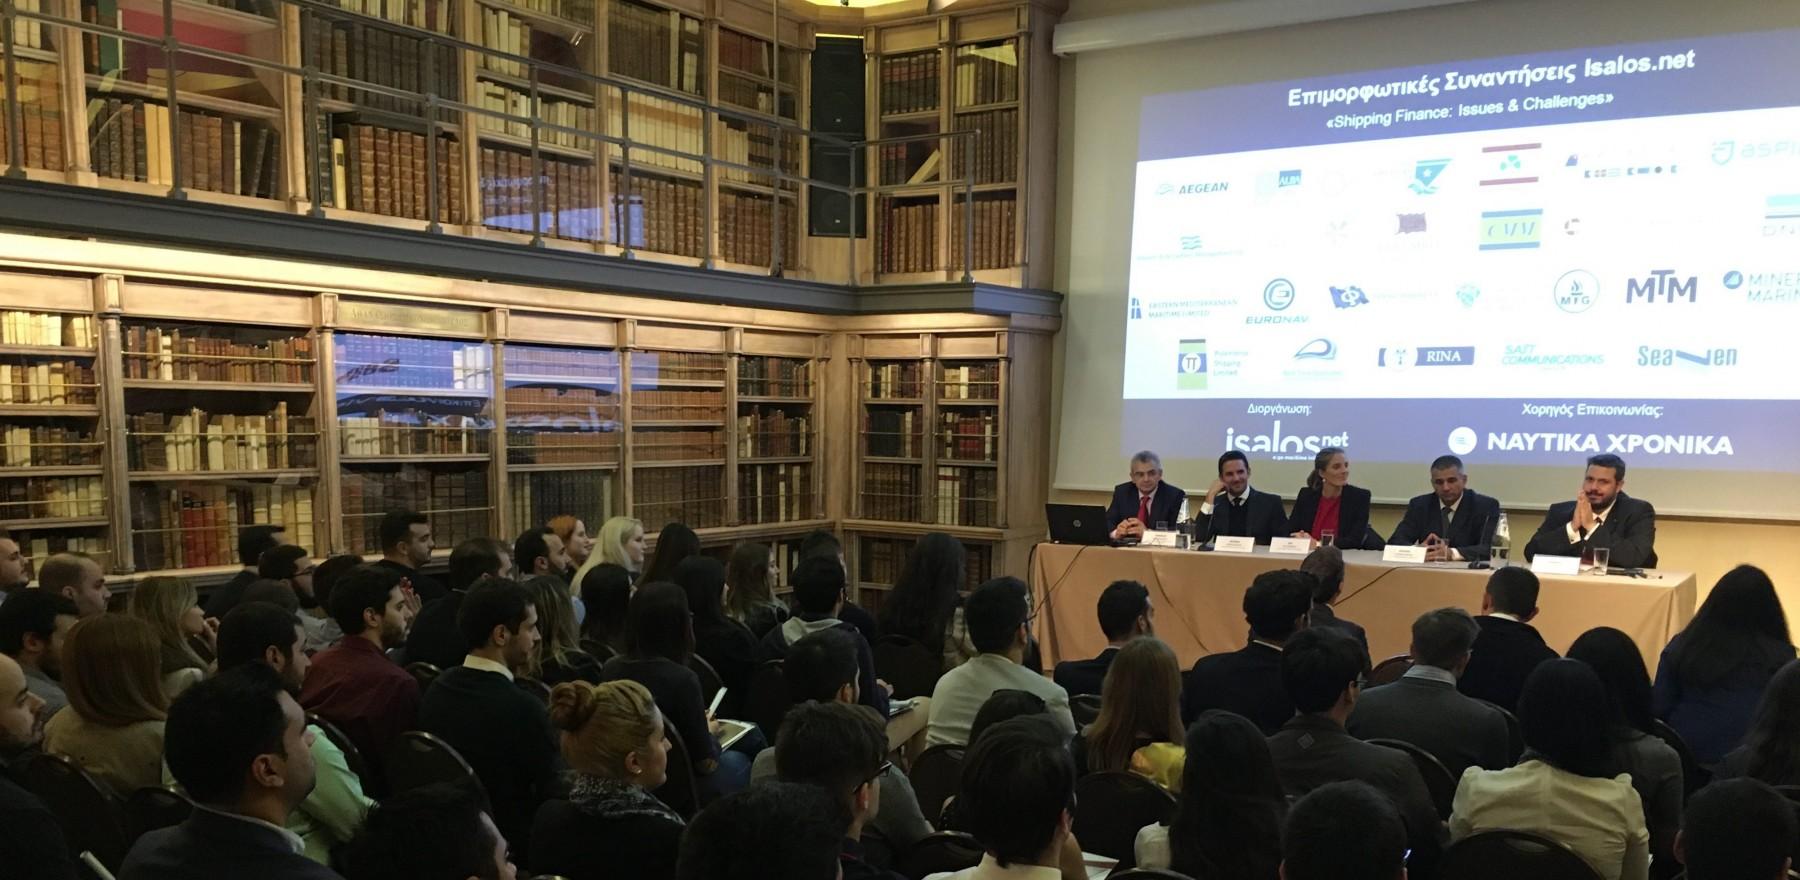 Στιγμιότυπο από την επιμορφωτική συνάντηση Isalos.net με θέμα «Shipping Finance: Issues & Challenges»